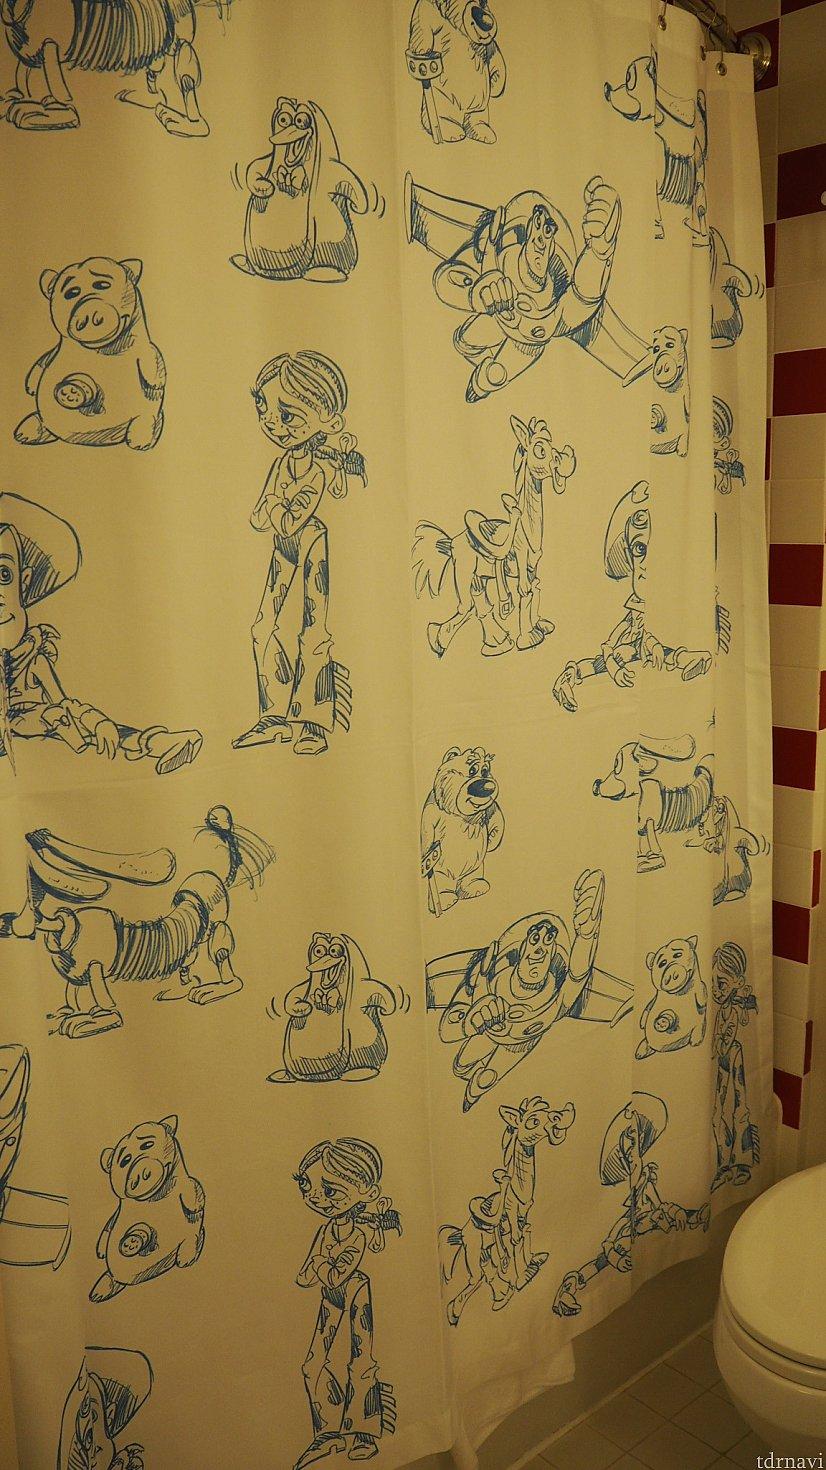 シャワーカーテン。カーテンレールが少し湾曲してて濡れにくく、良かったです。